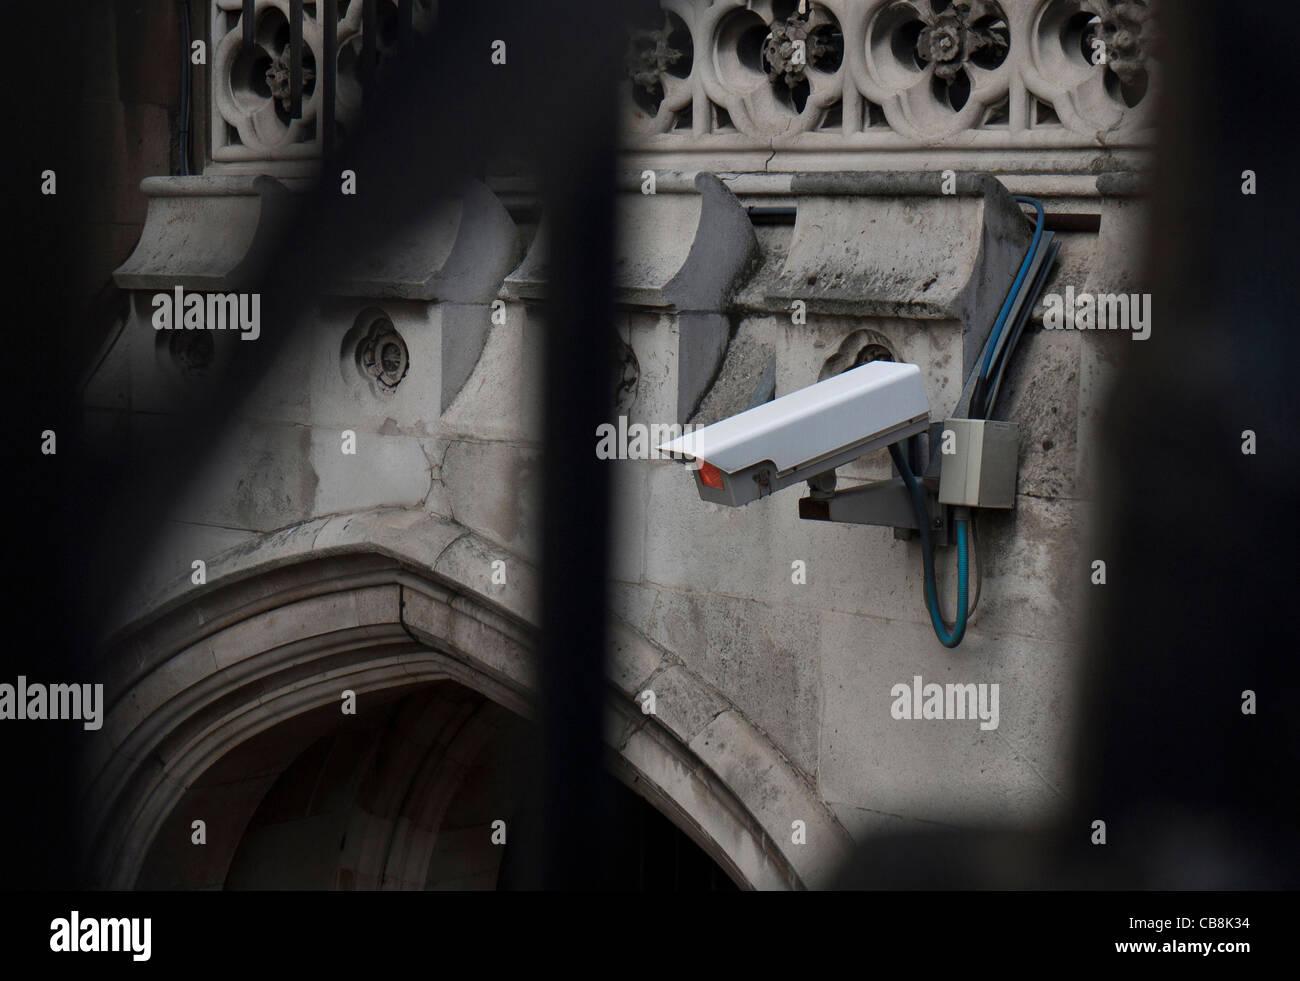 Infrarouge caméra de surveillance attachés à bâtiment historique à Londres Photo Stock